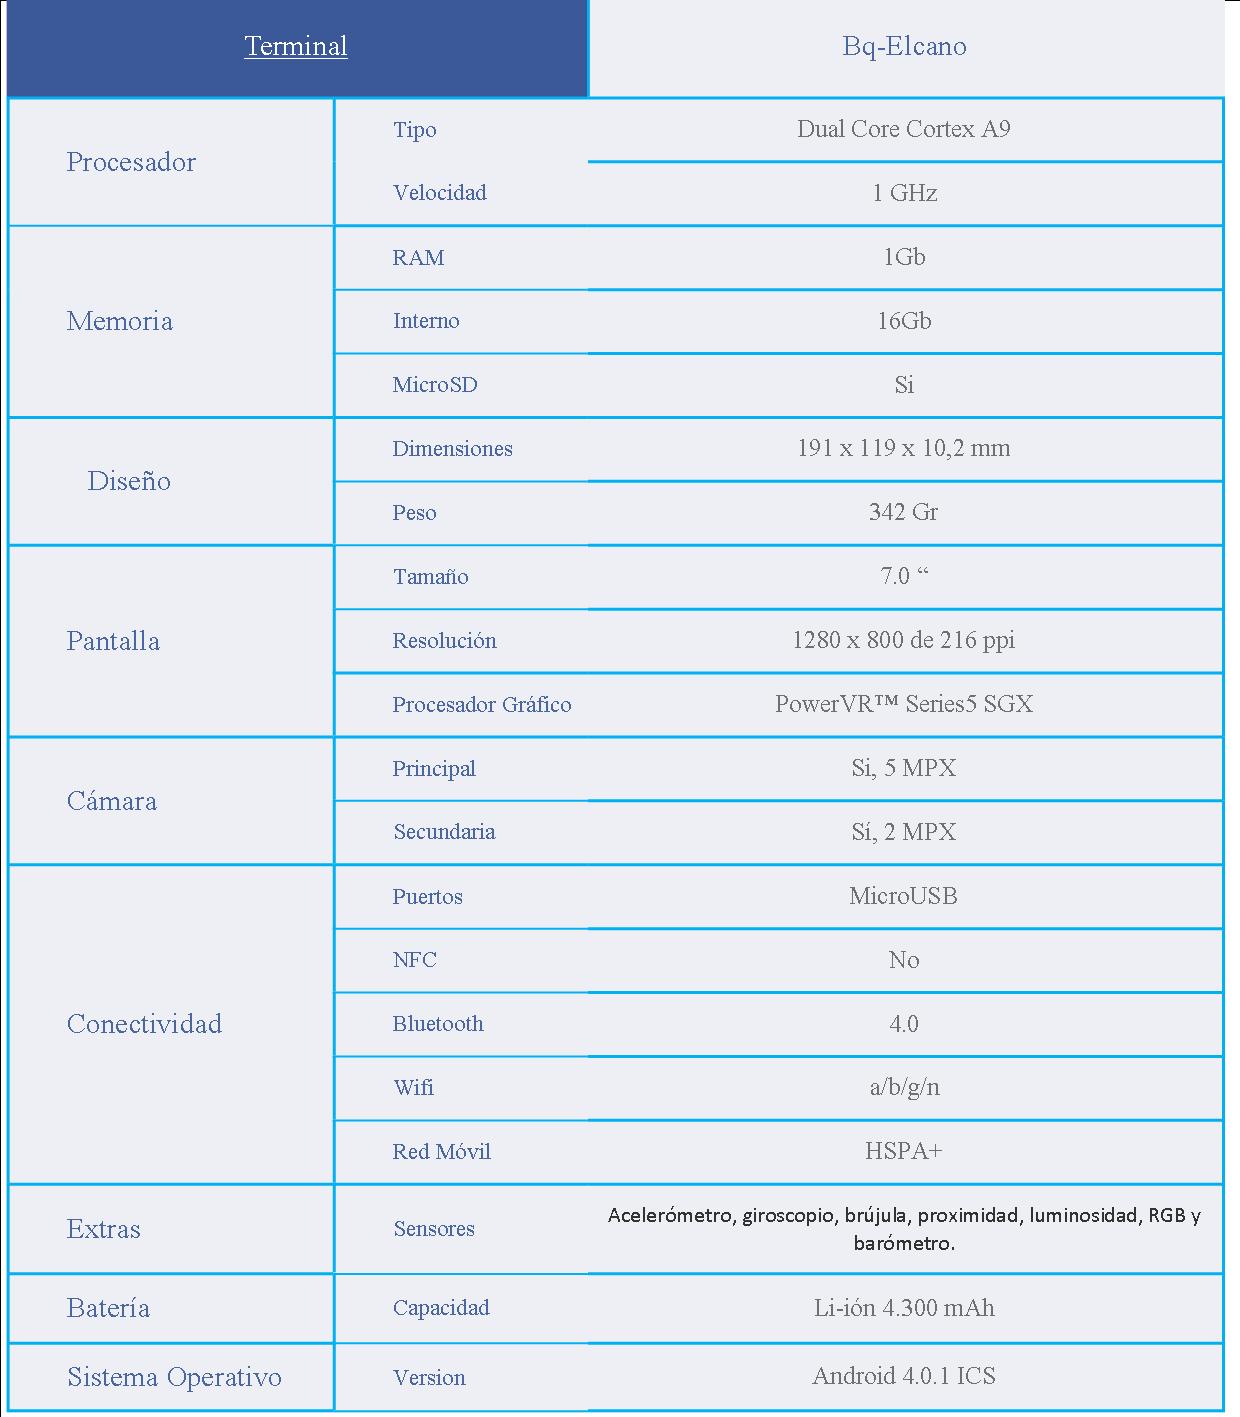 Tabla de caracteristicas elcano2